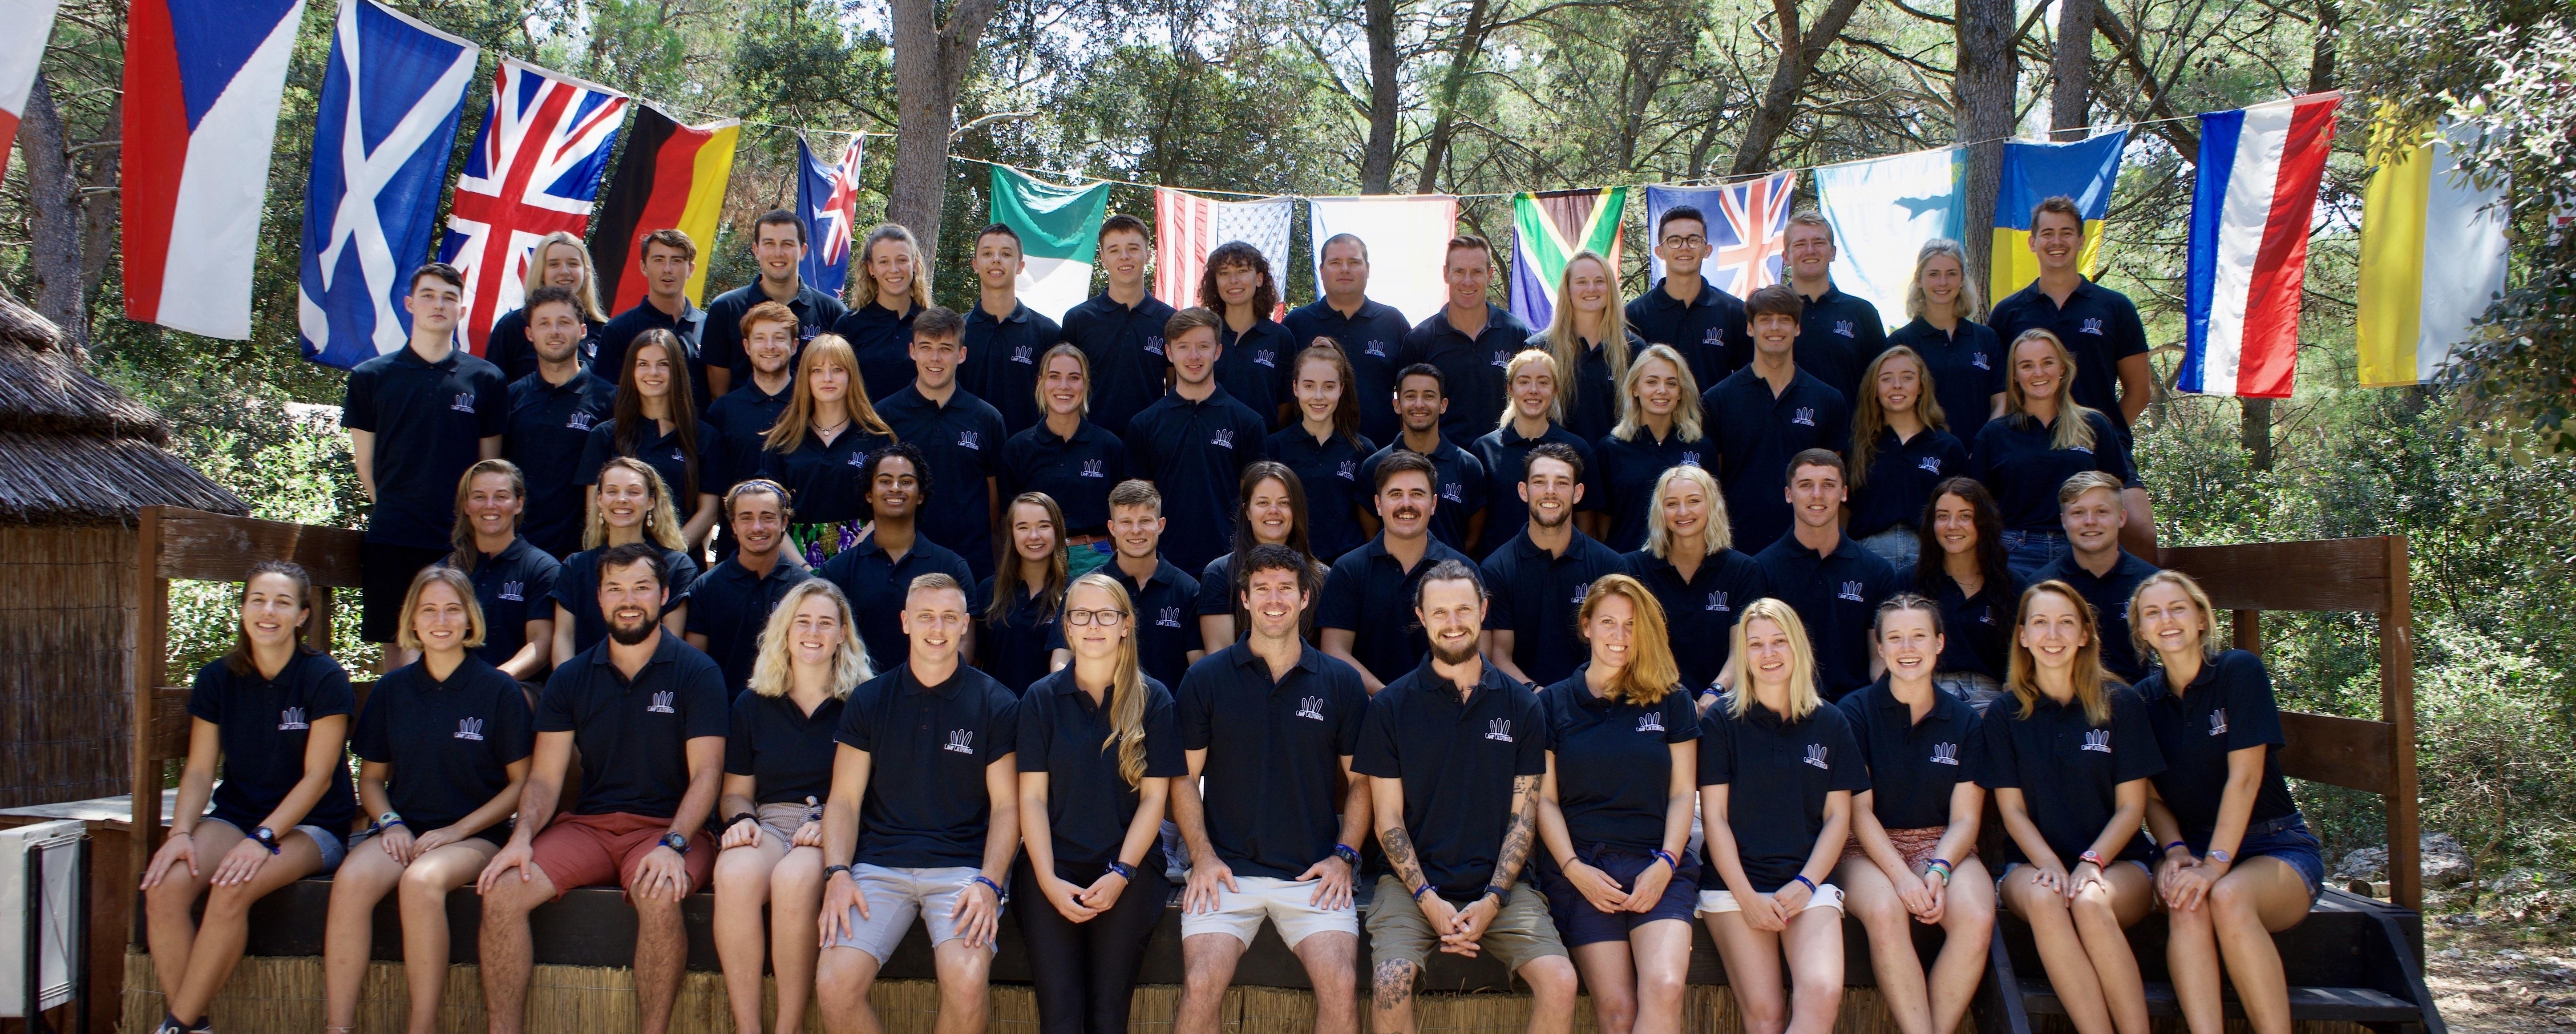 Counselors Camp California